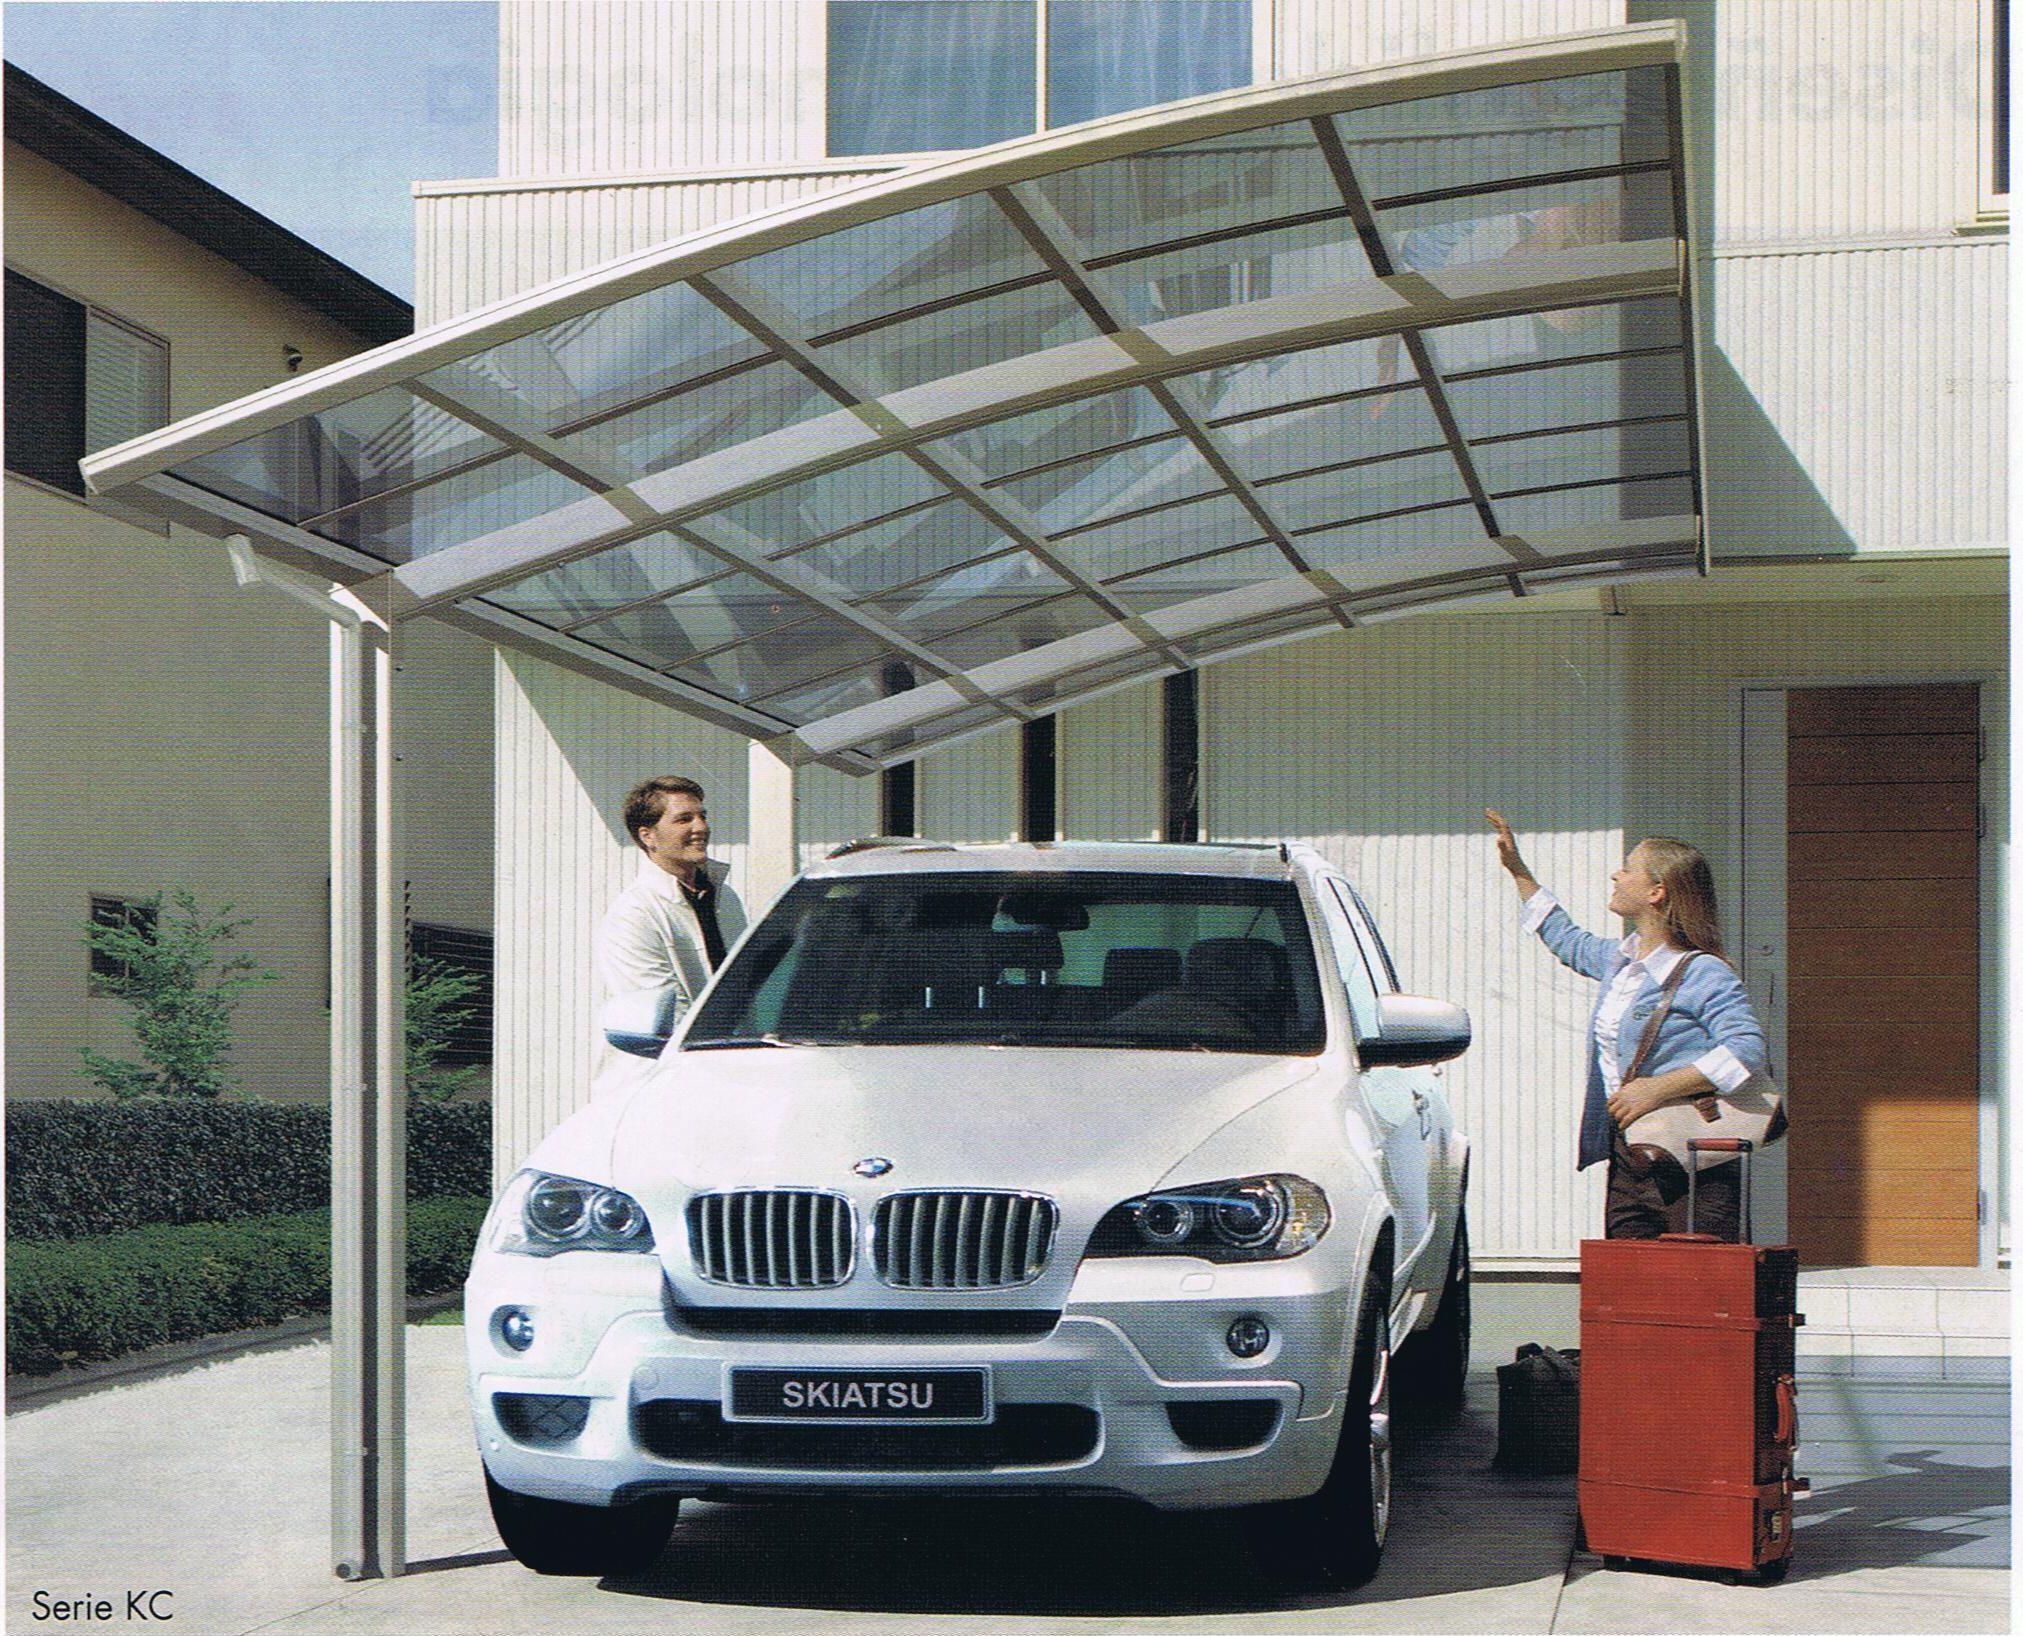 Pin de pen lope galilea en cerramiento porches pinterest garaje exterior garaje y cochera - Porches para coches ...